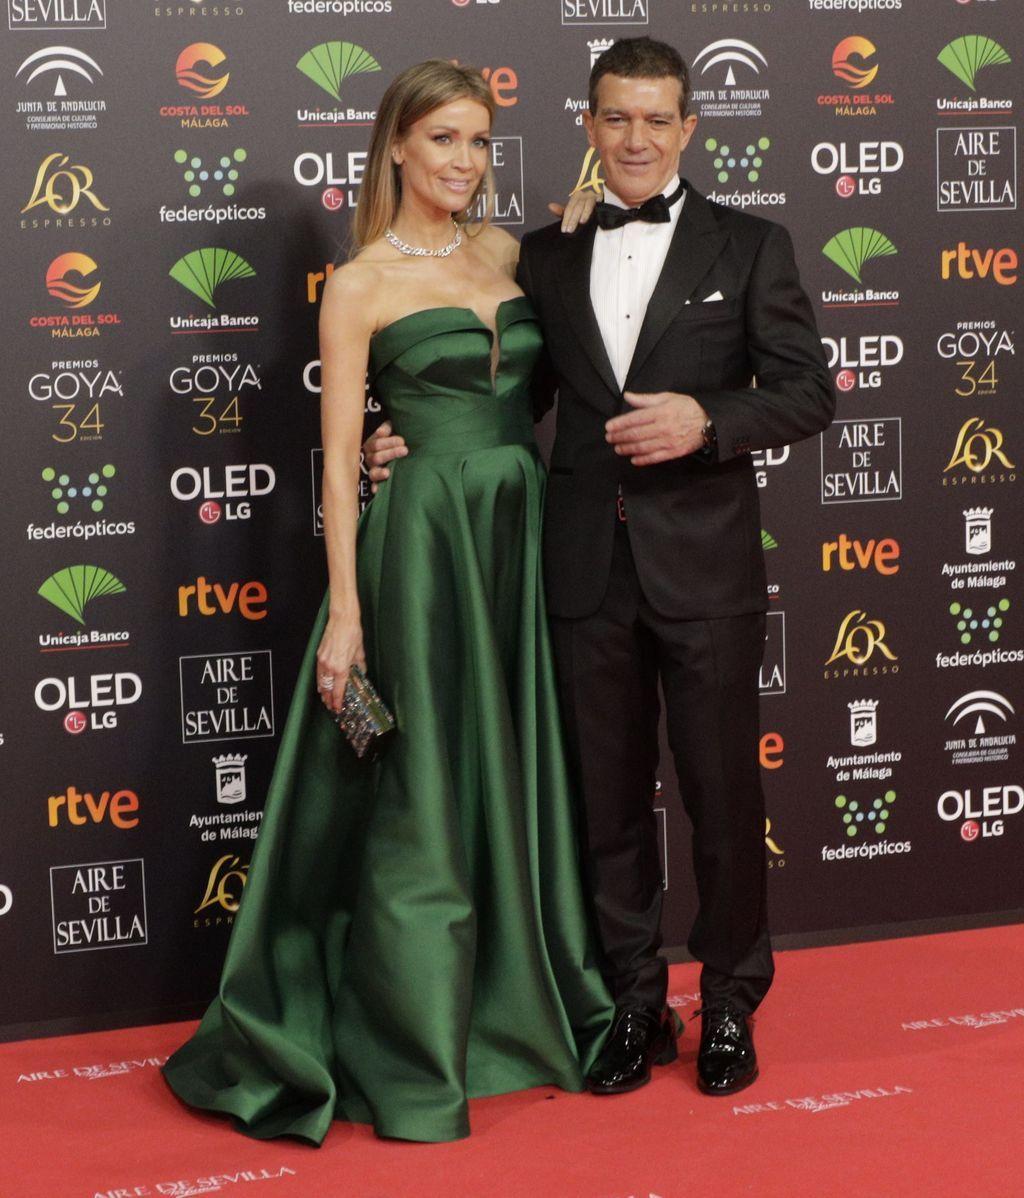 Antonio Banderas y Nilole Kimpbell